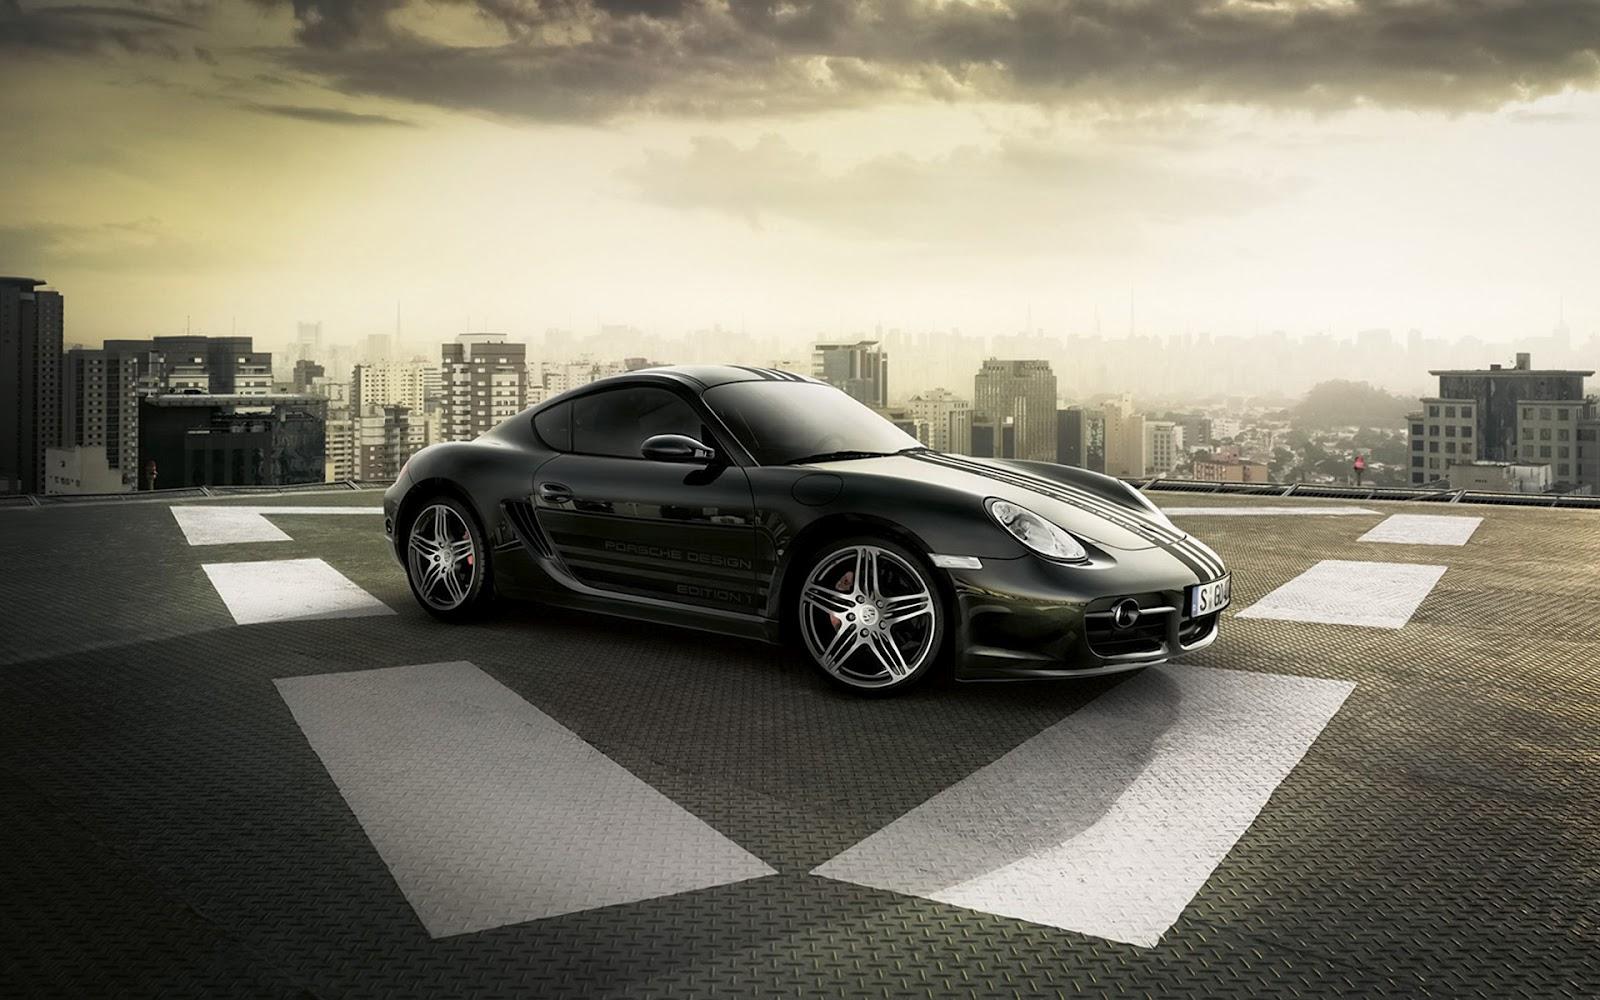 http://3.bp.blogspot.com/-VVCIdvLgltI/T0T_GQl0_XI/AAAAAAAADlg/ftDSgqkILR8/s1600/Porsche_Design_Edition_1_Cayman_S_1920x1200.jpg